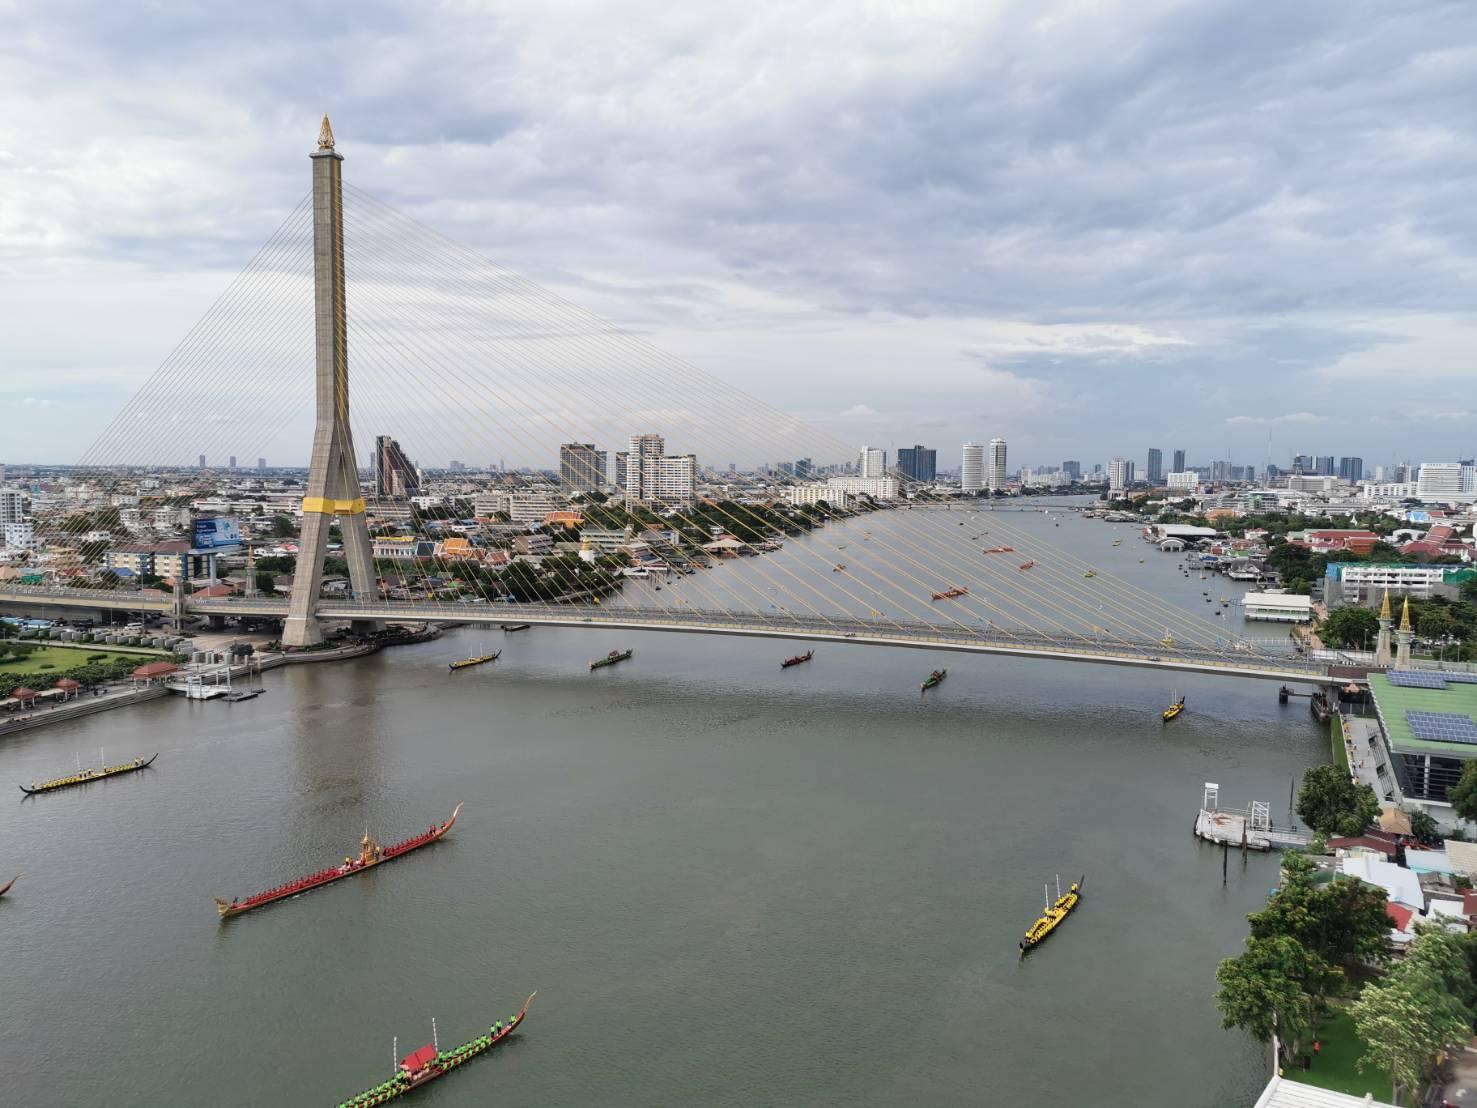 17 ก.ย.62 ซ้อมขบวนเรือพระราชพิธีฯ ปิดการจราจรทางน้ำ